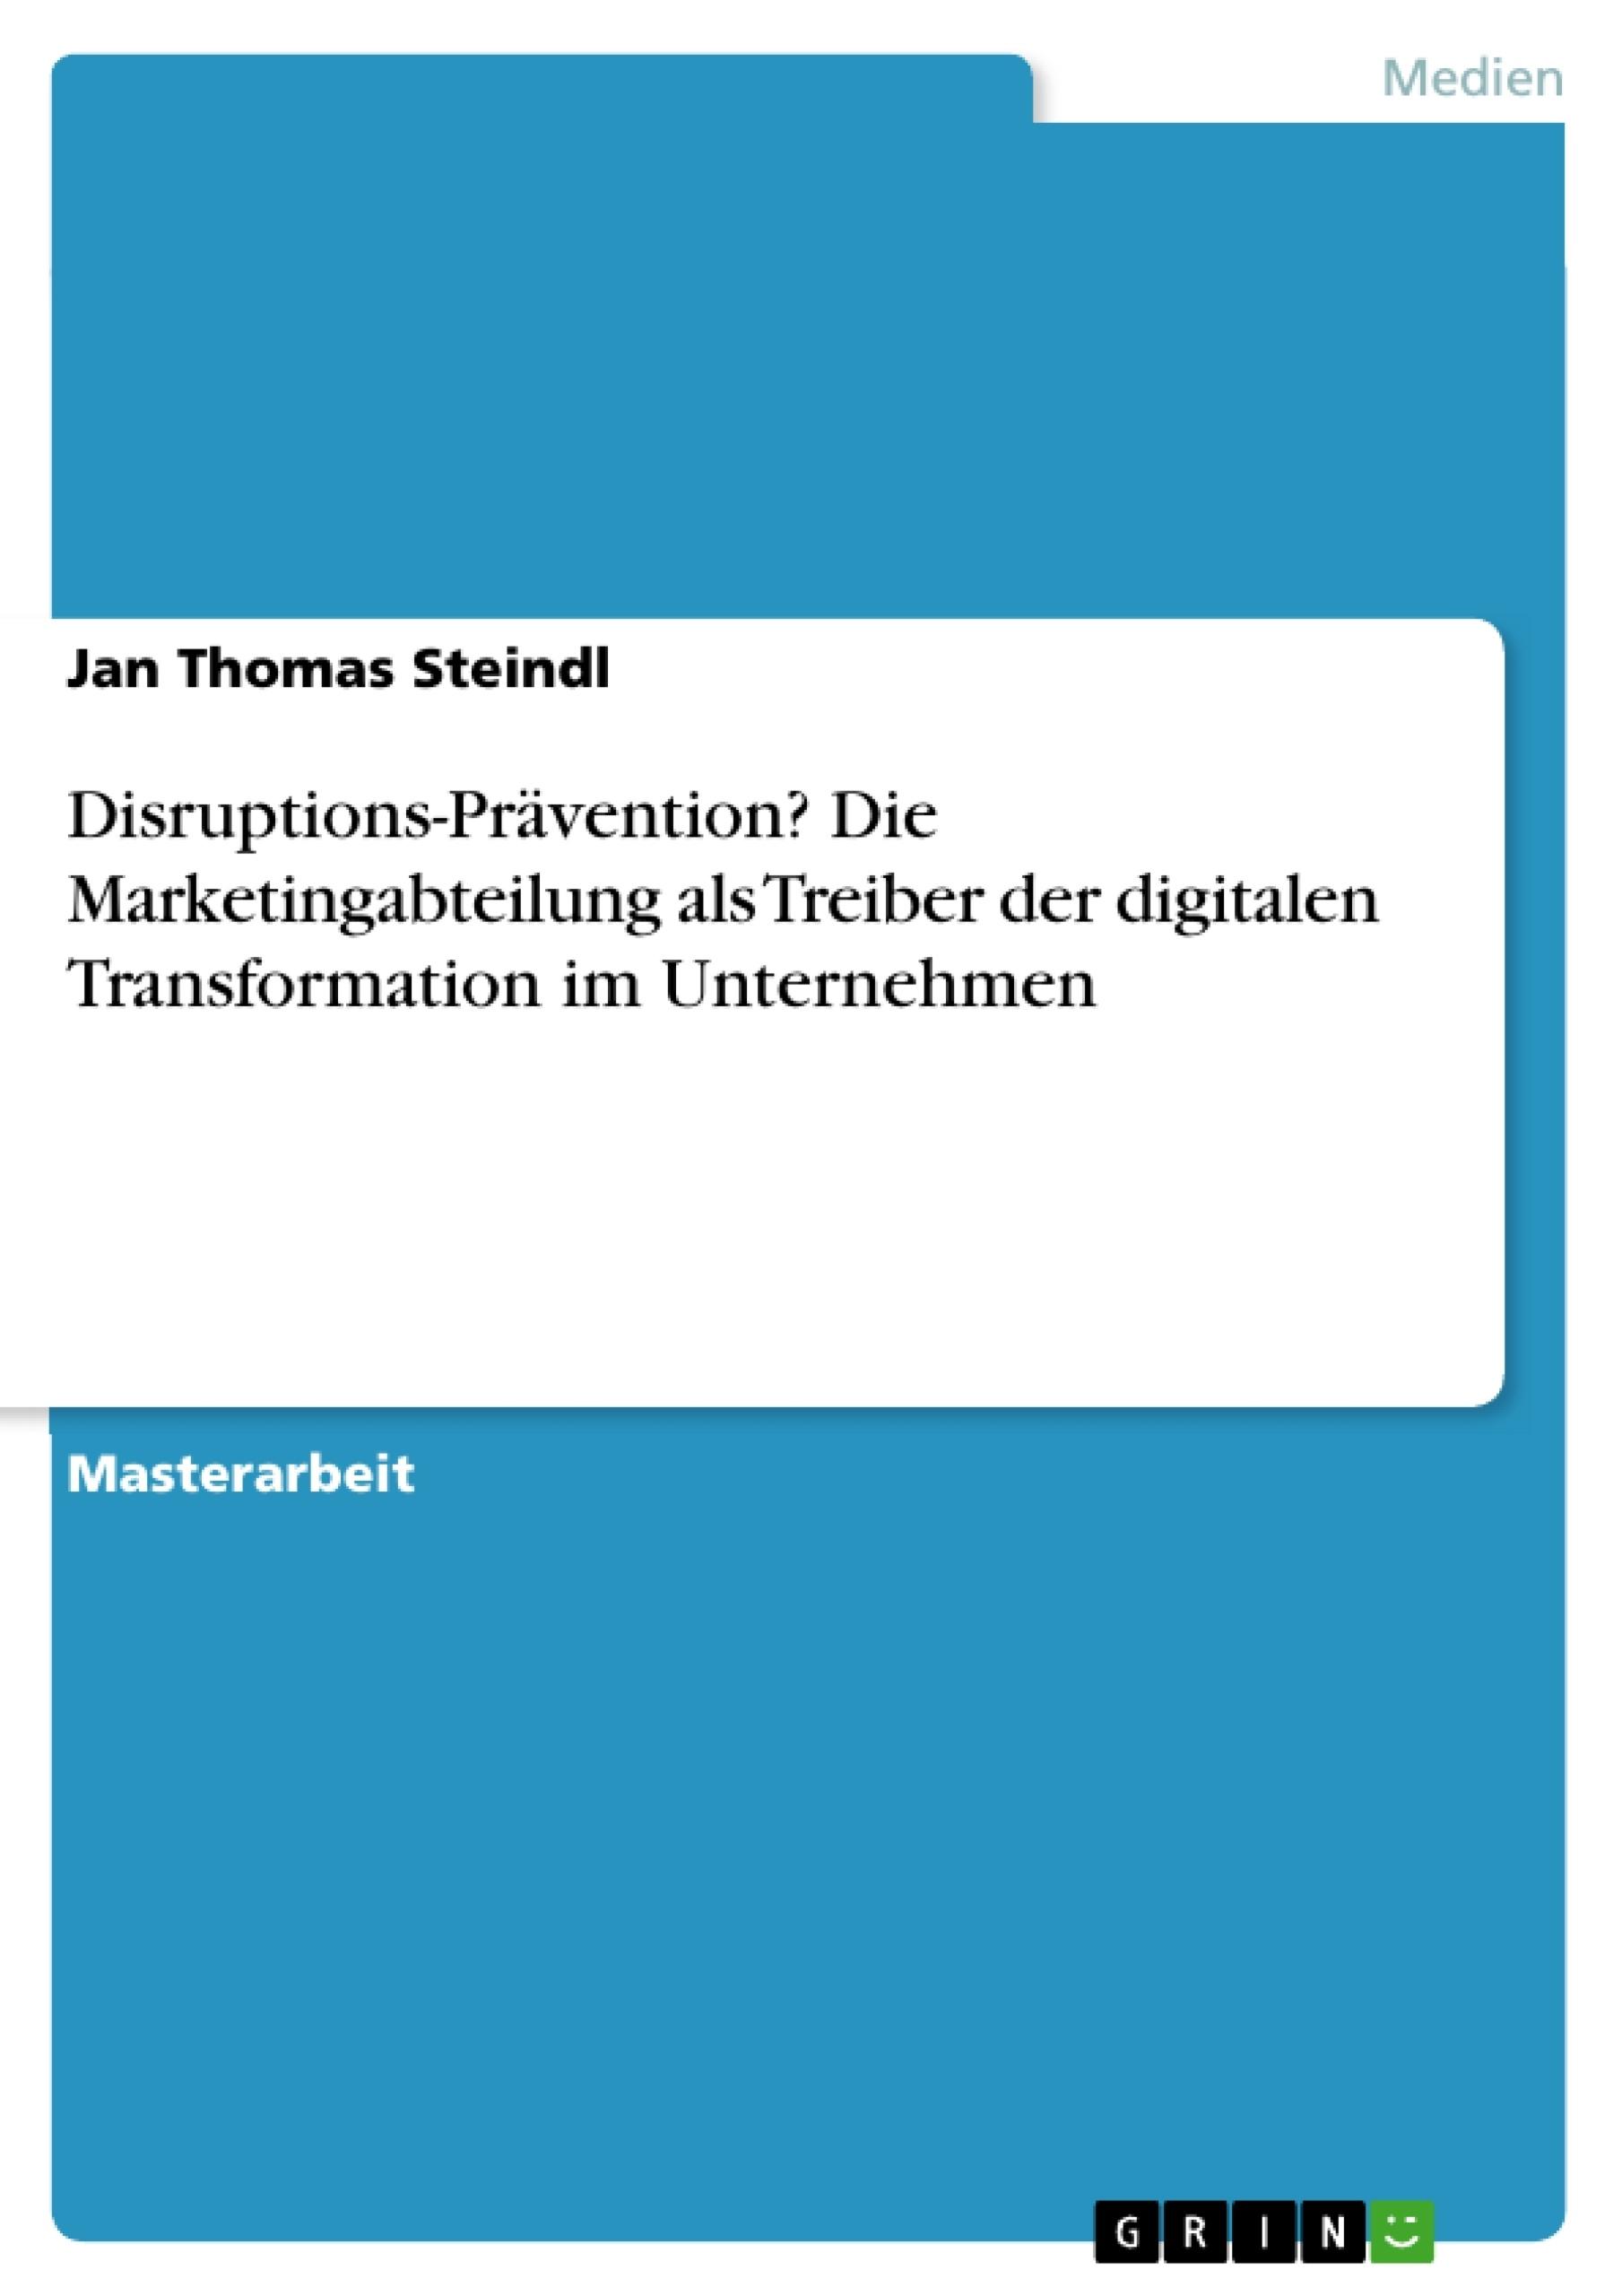 Titel: Disruptions-Prävention? Die Marketingabteilung als Treiber der digitalen Transformation im Unternehmen